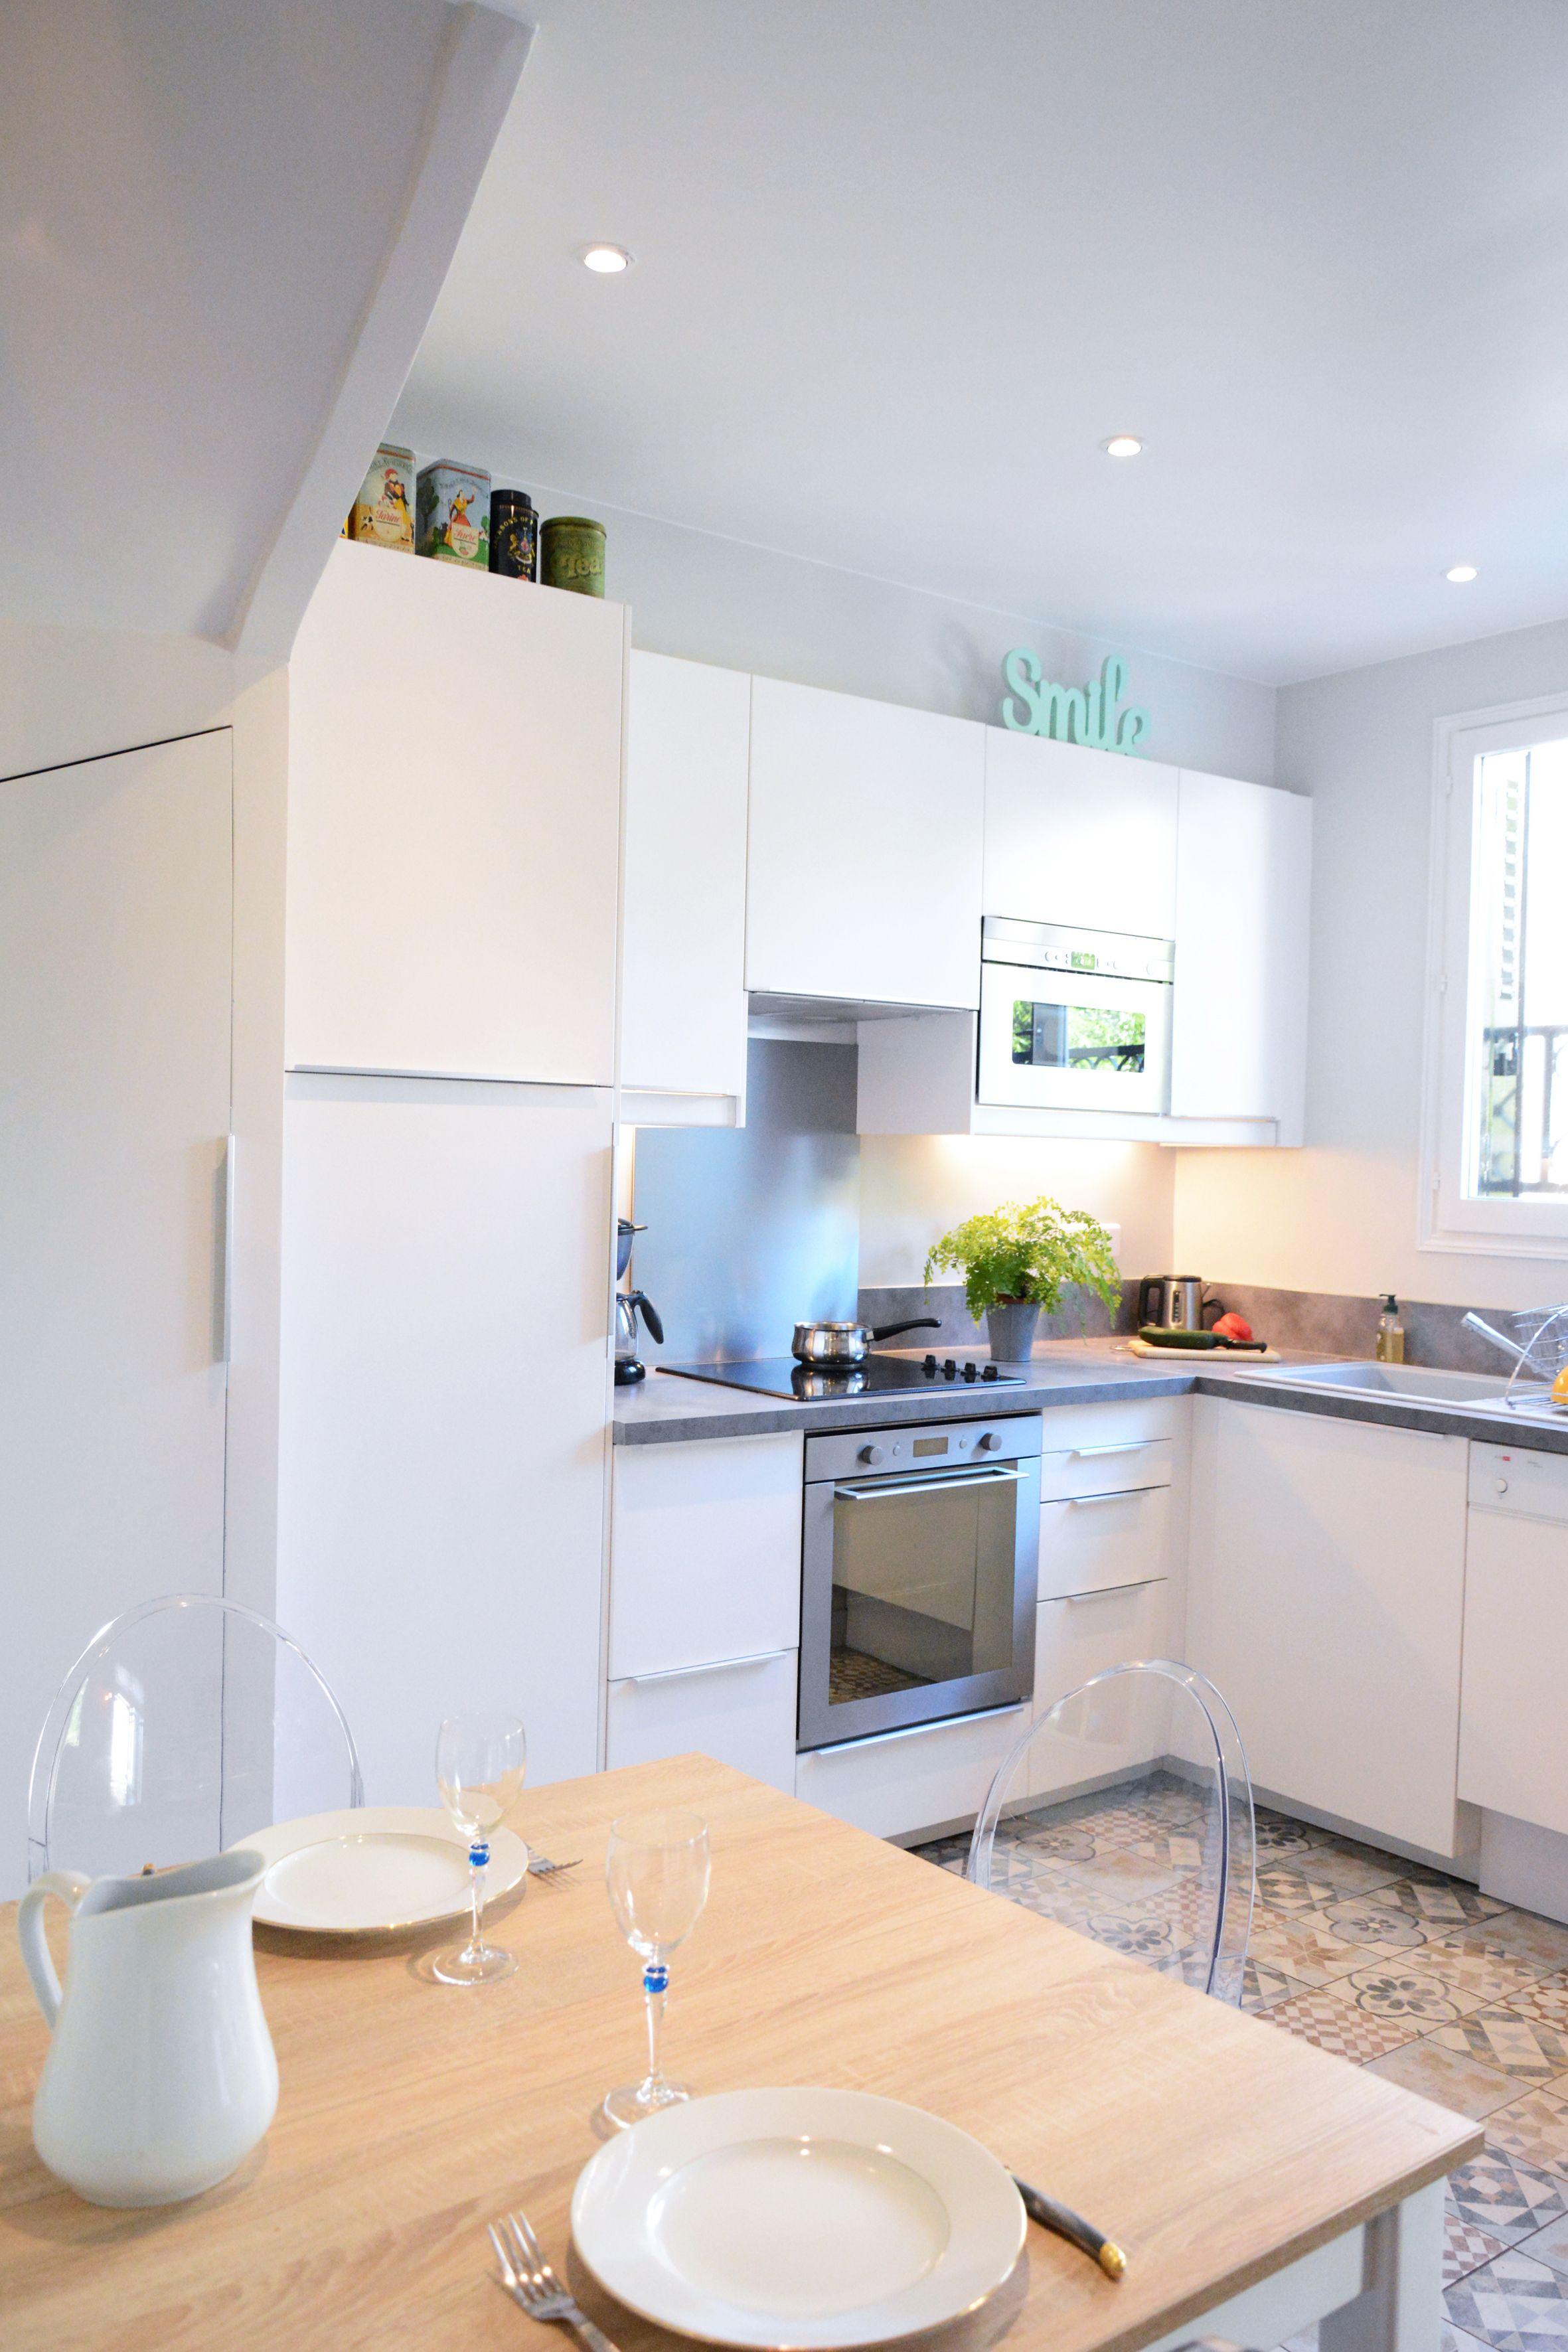 cuisine fonctionnelle et conviviale dans une maison de famille en